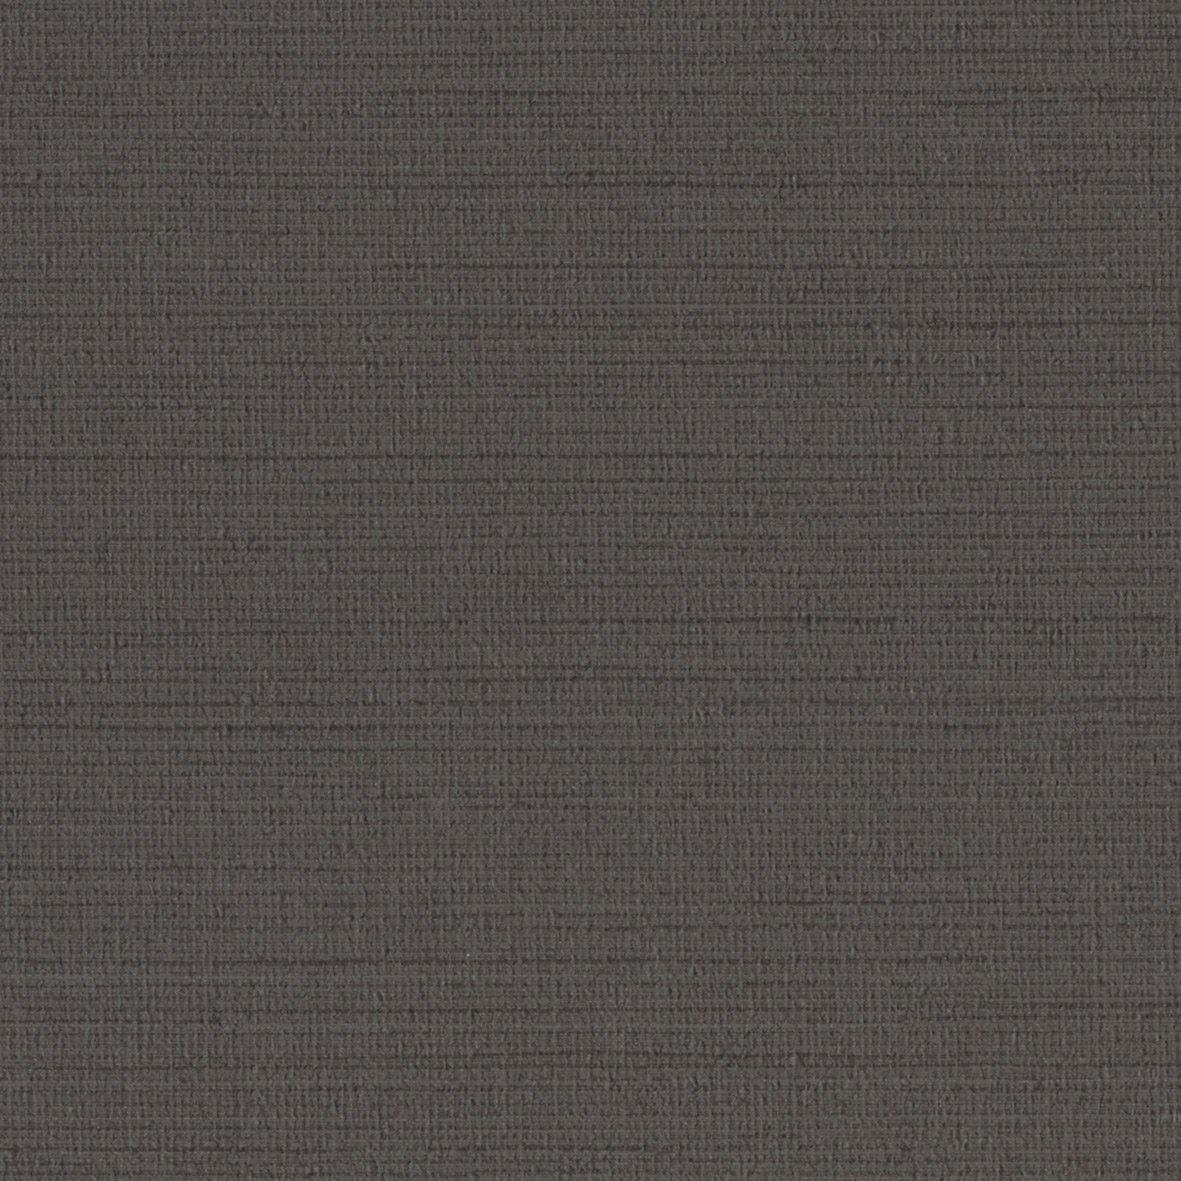 リリカラ 壁紙39m モダン 織物調 グレー カラーバリエーション LV-6154 B01IHQB07K 39m|グレー